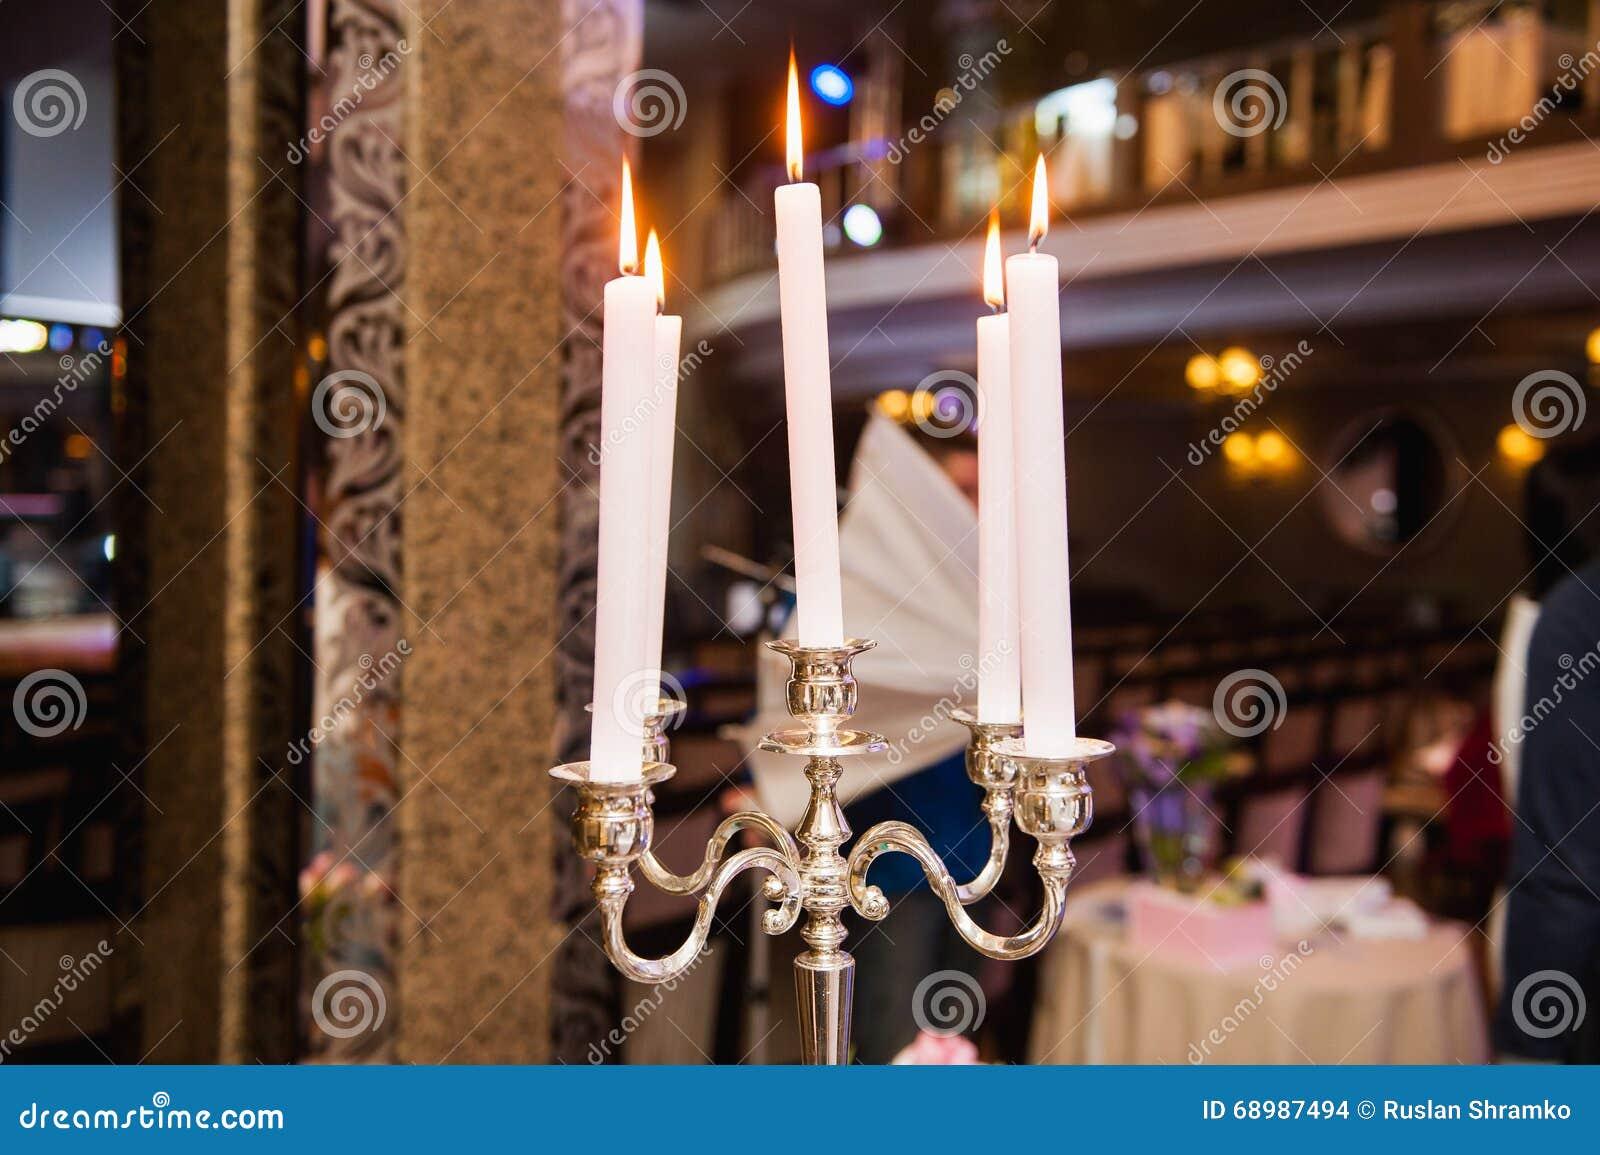 Сервировка стола для wedding или события